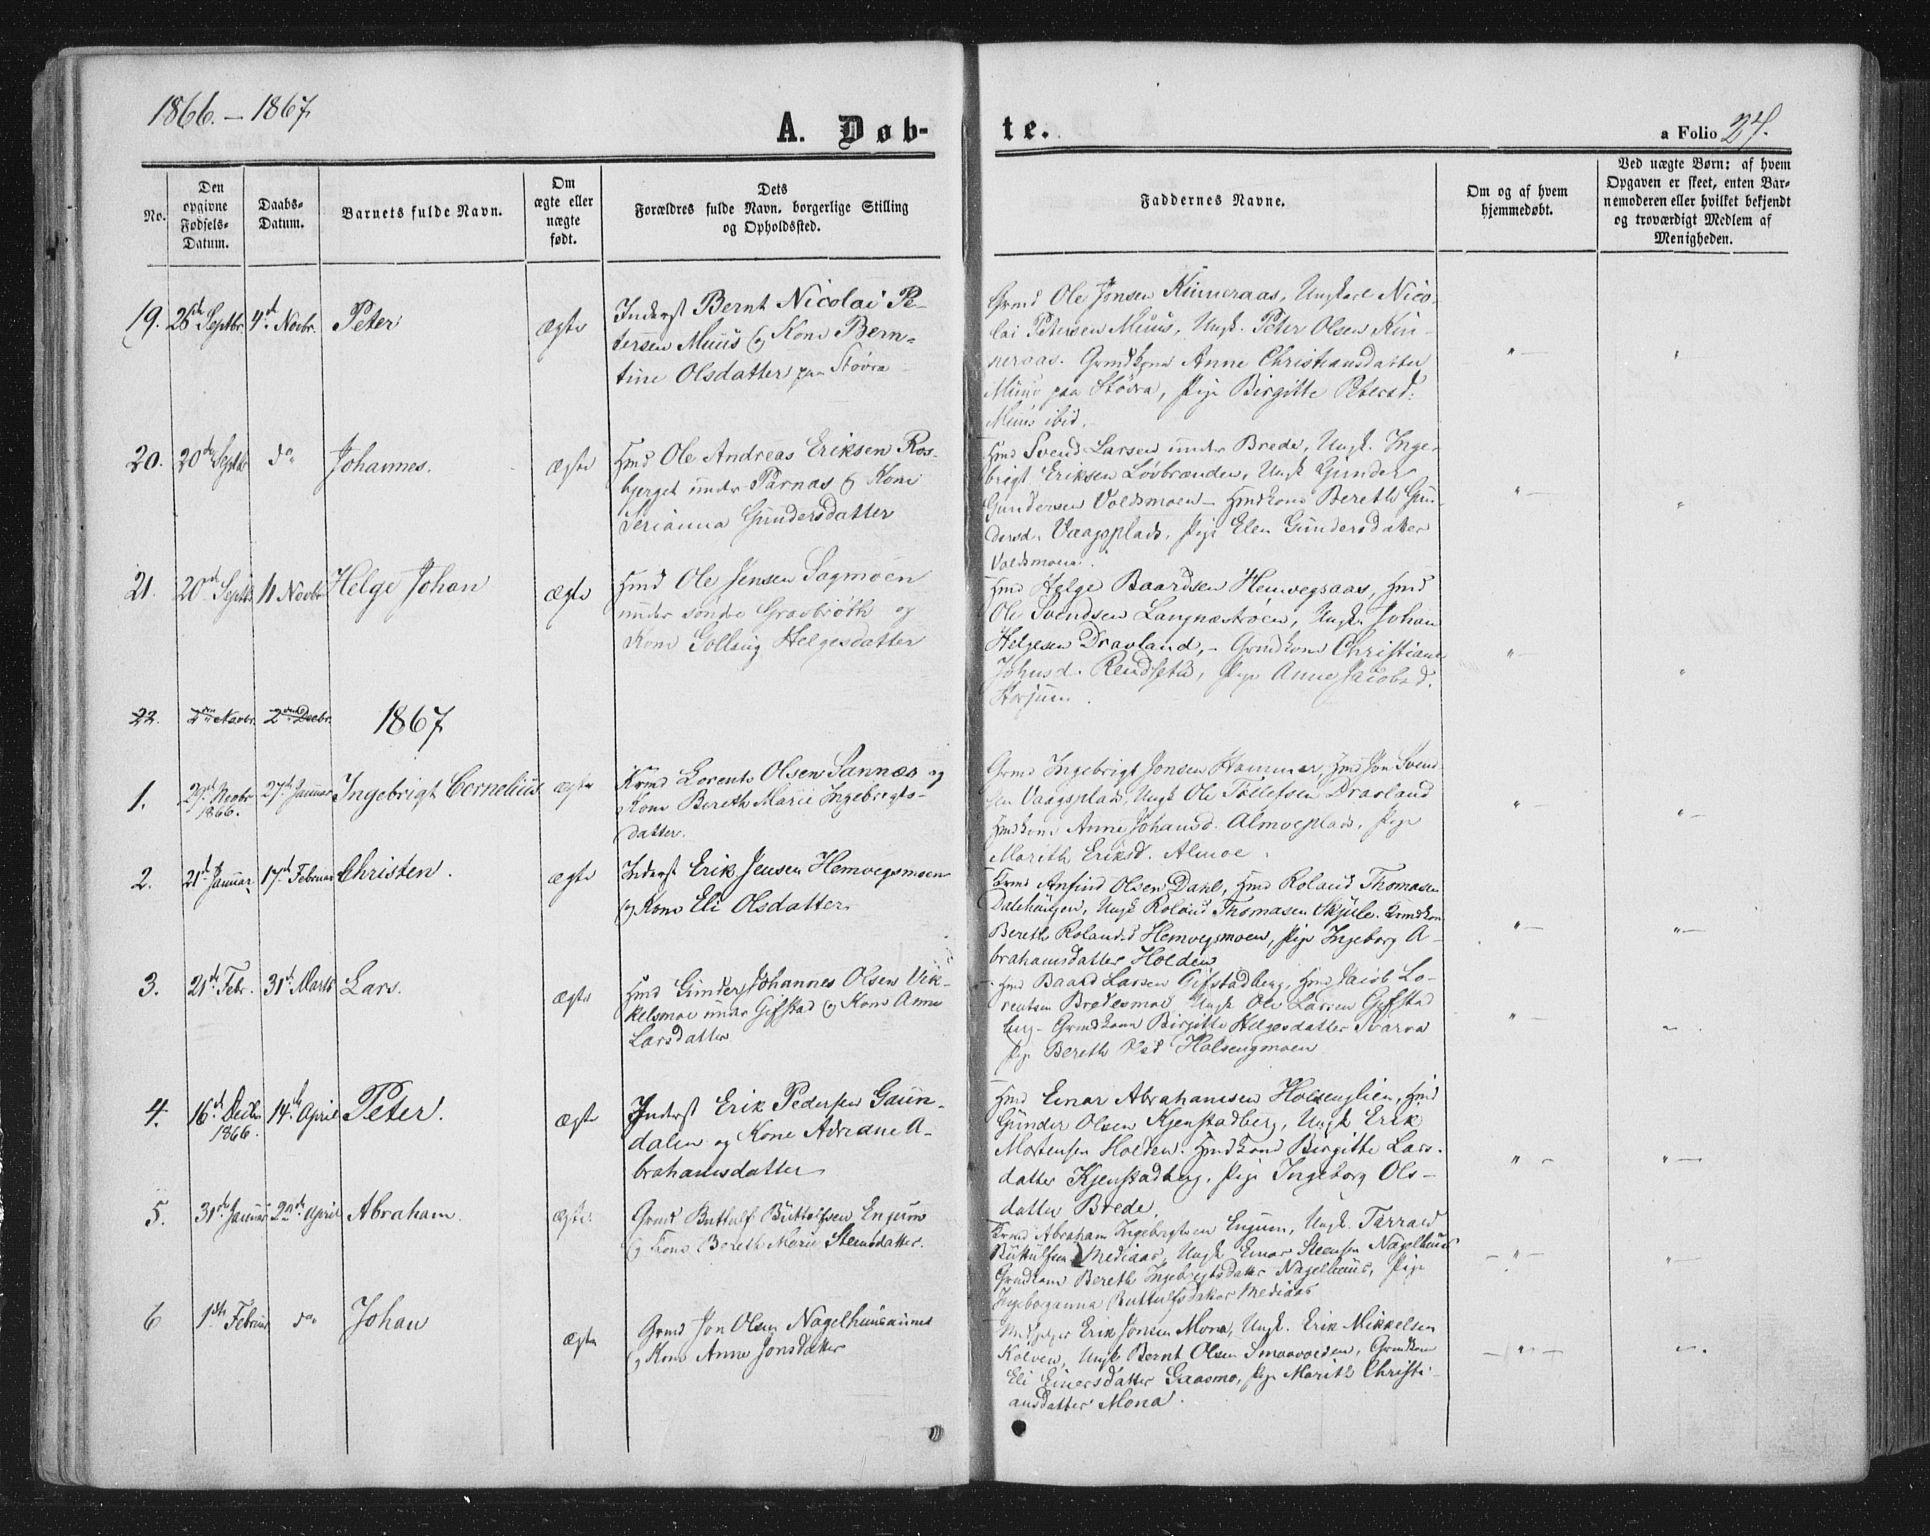 SAT, Ministerialprotokoller, klokkerbøker og fødselsregistre - Nord-Trøndelag, 749/L0472: Ministerialbok nr. 749A06, 1857-1873, s. 27